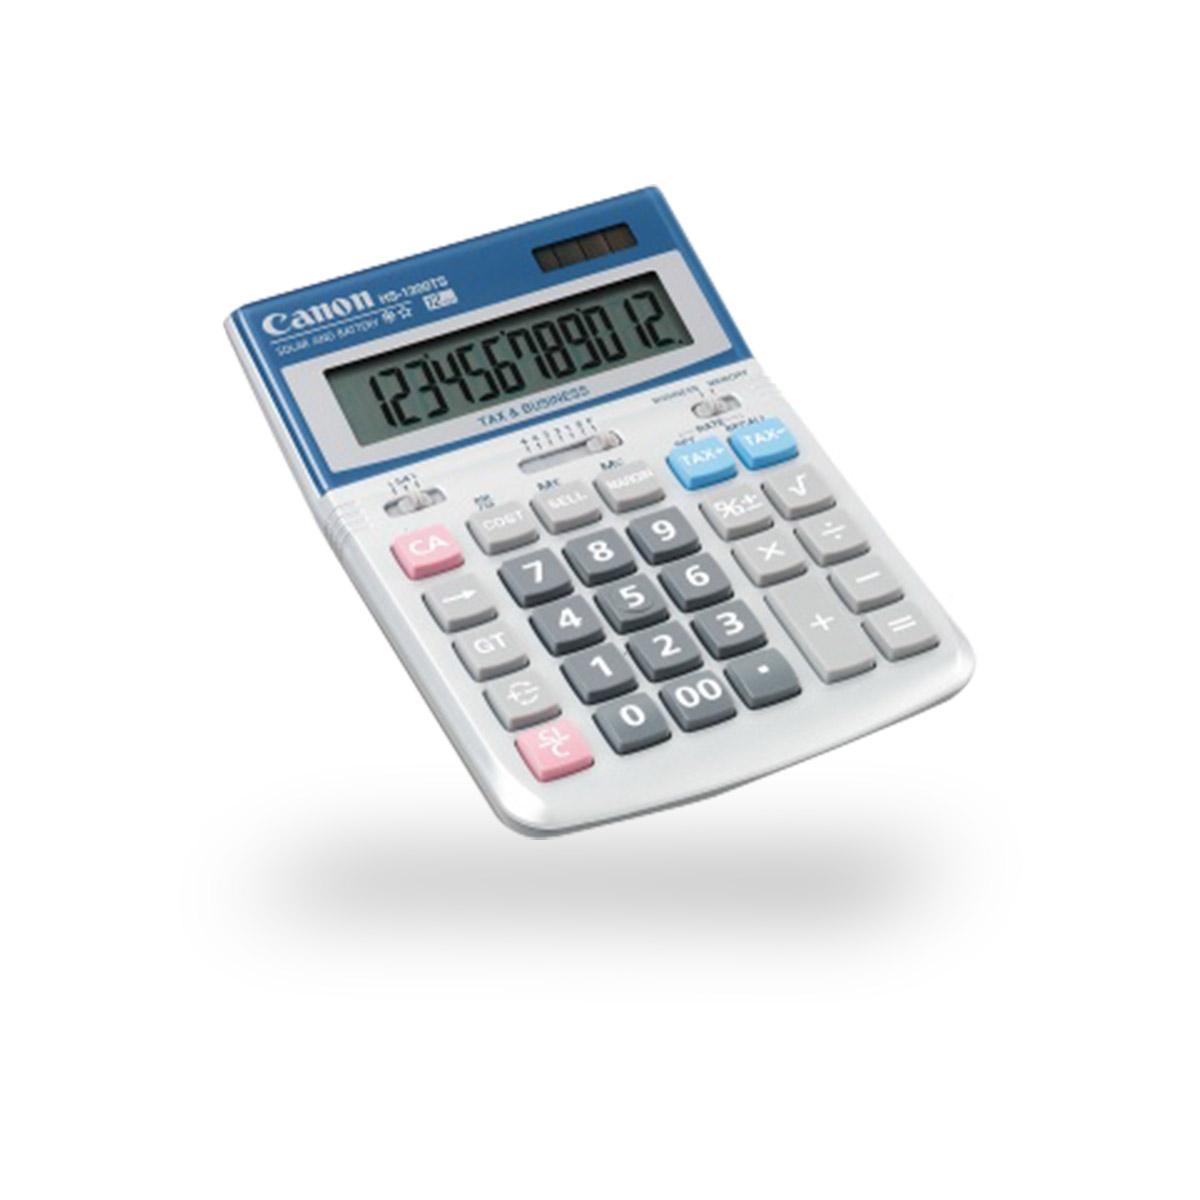 HS-1200TS Calculator